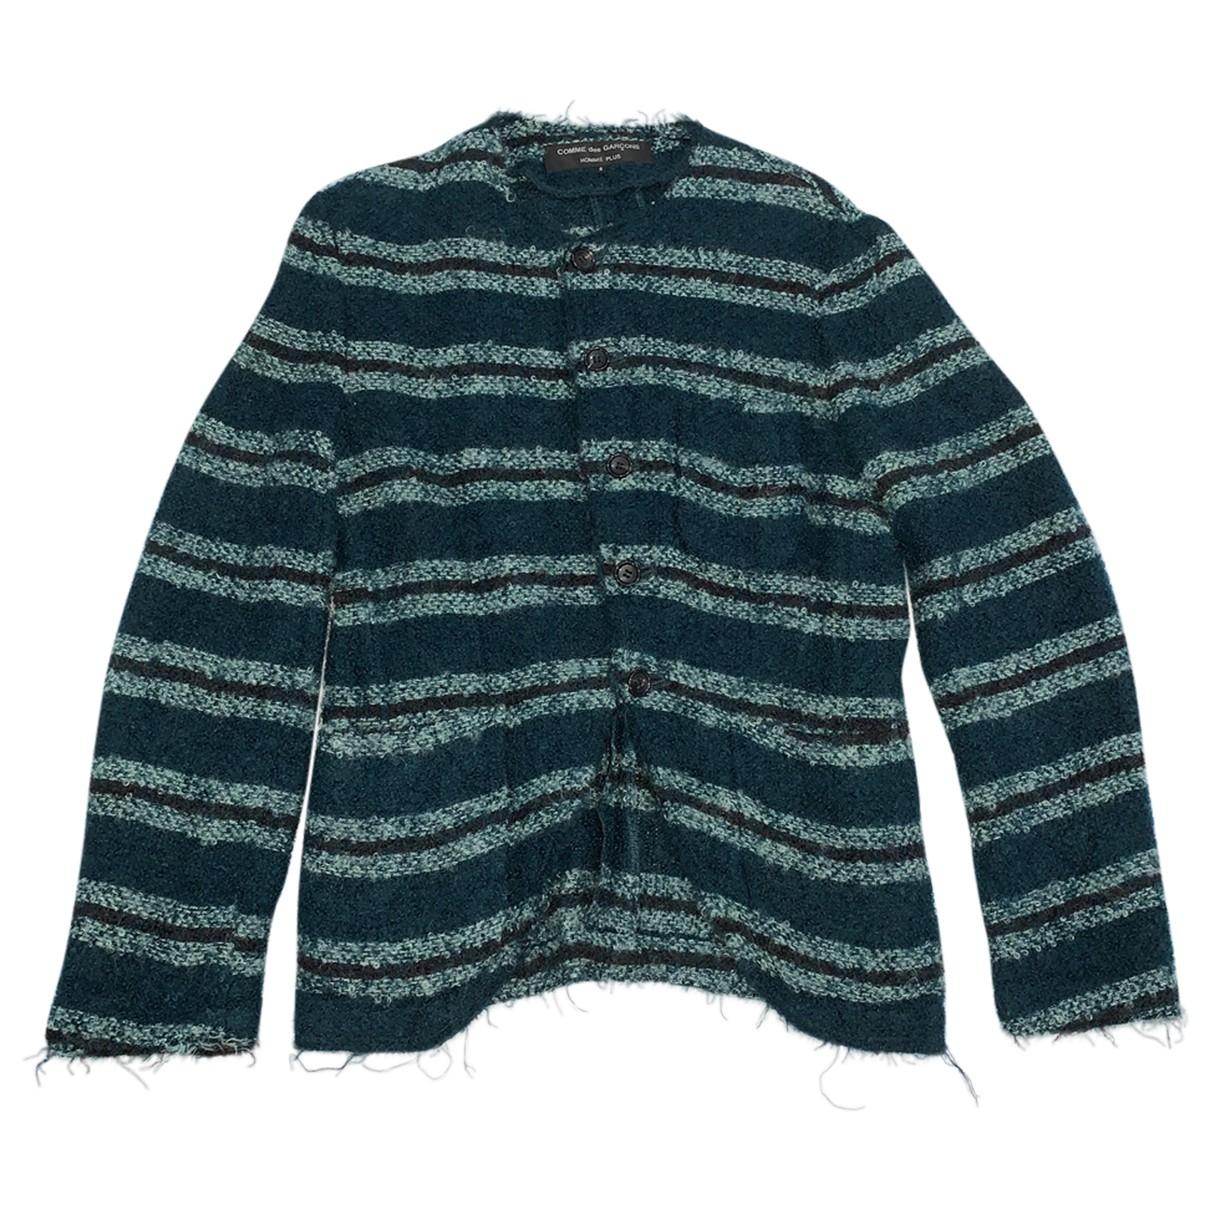 Comme Des Garcons \N Green Tweed jacket  for Men S International